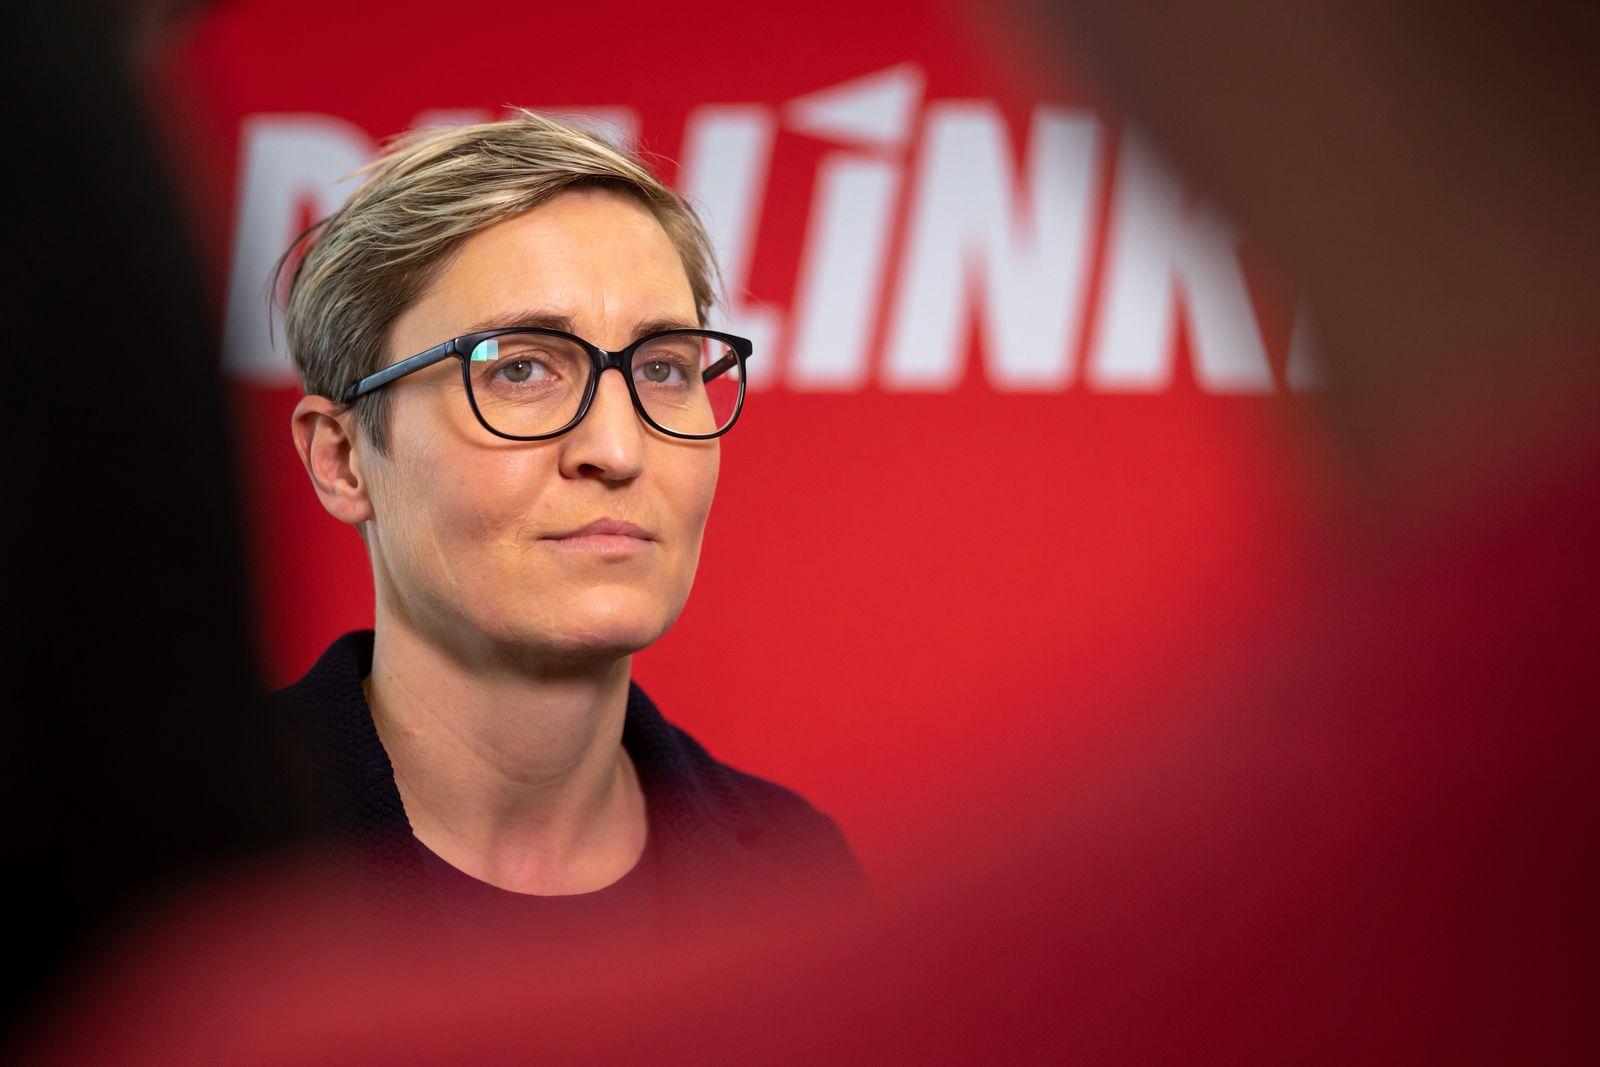 Ergebnis Mitgliederbefragung der Thüringer Linken